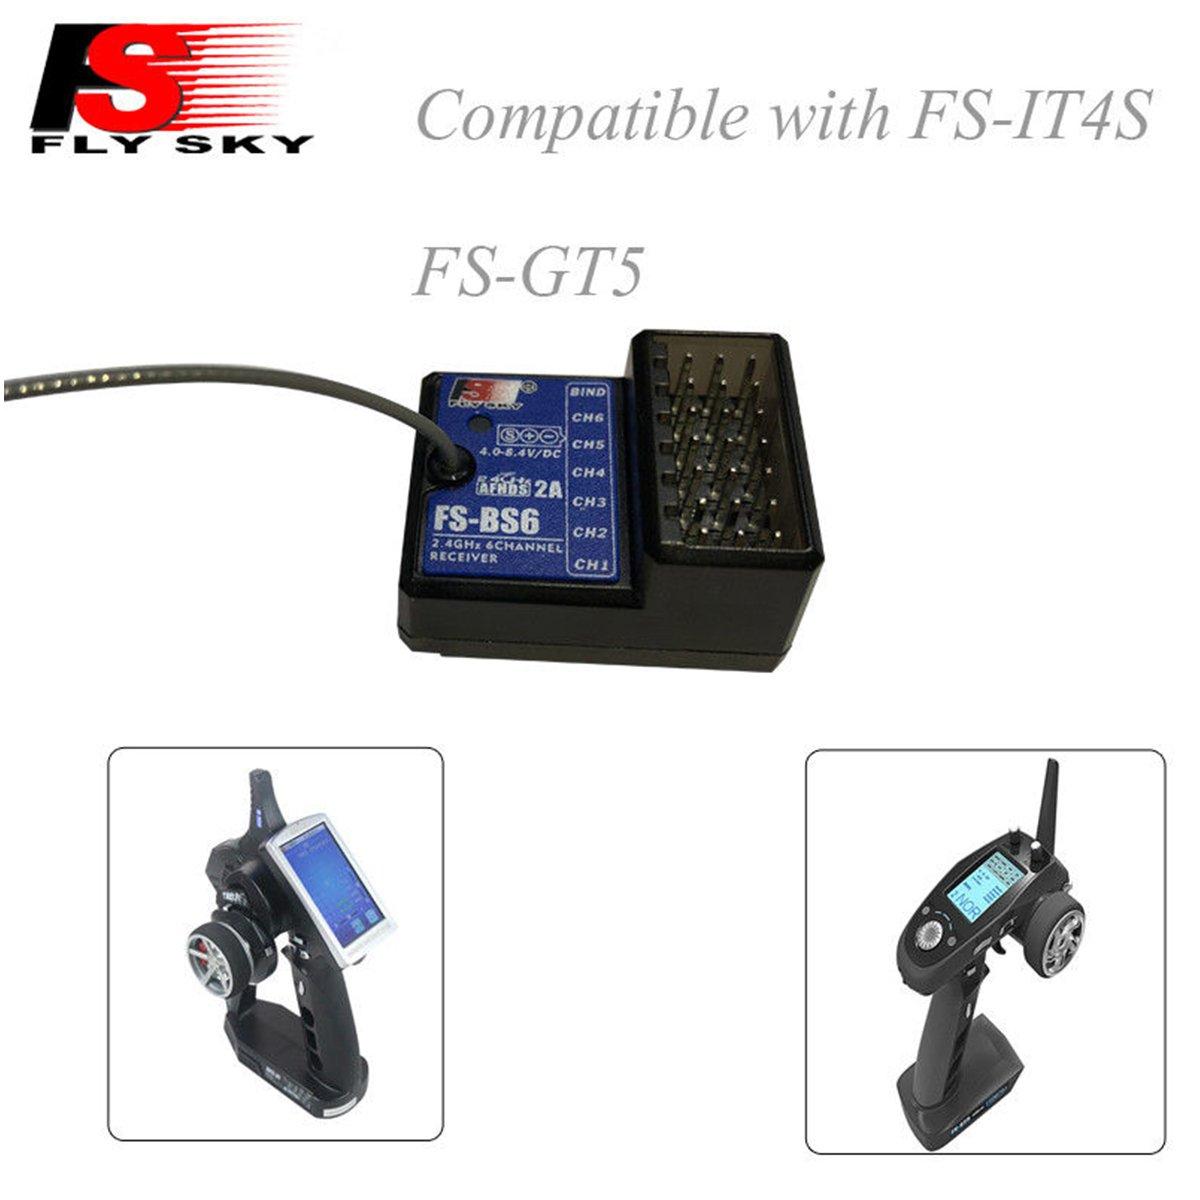 Flysky FS-GT5 Trasmettitore RC Radiocomando 6CH 2.4GHz AFHDS RC Transmitter with FS-BS6 ricevente rc Per la Barca RC Car Boa yuntu